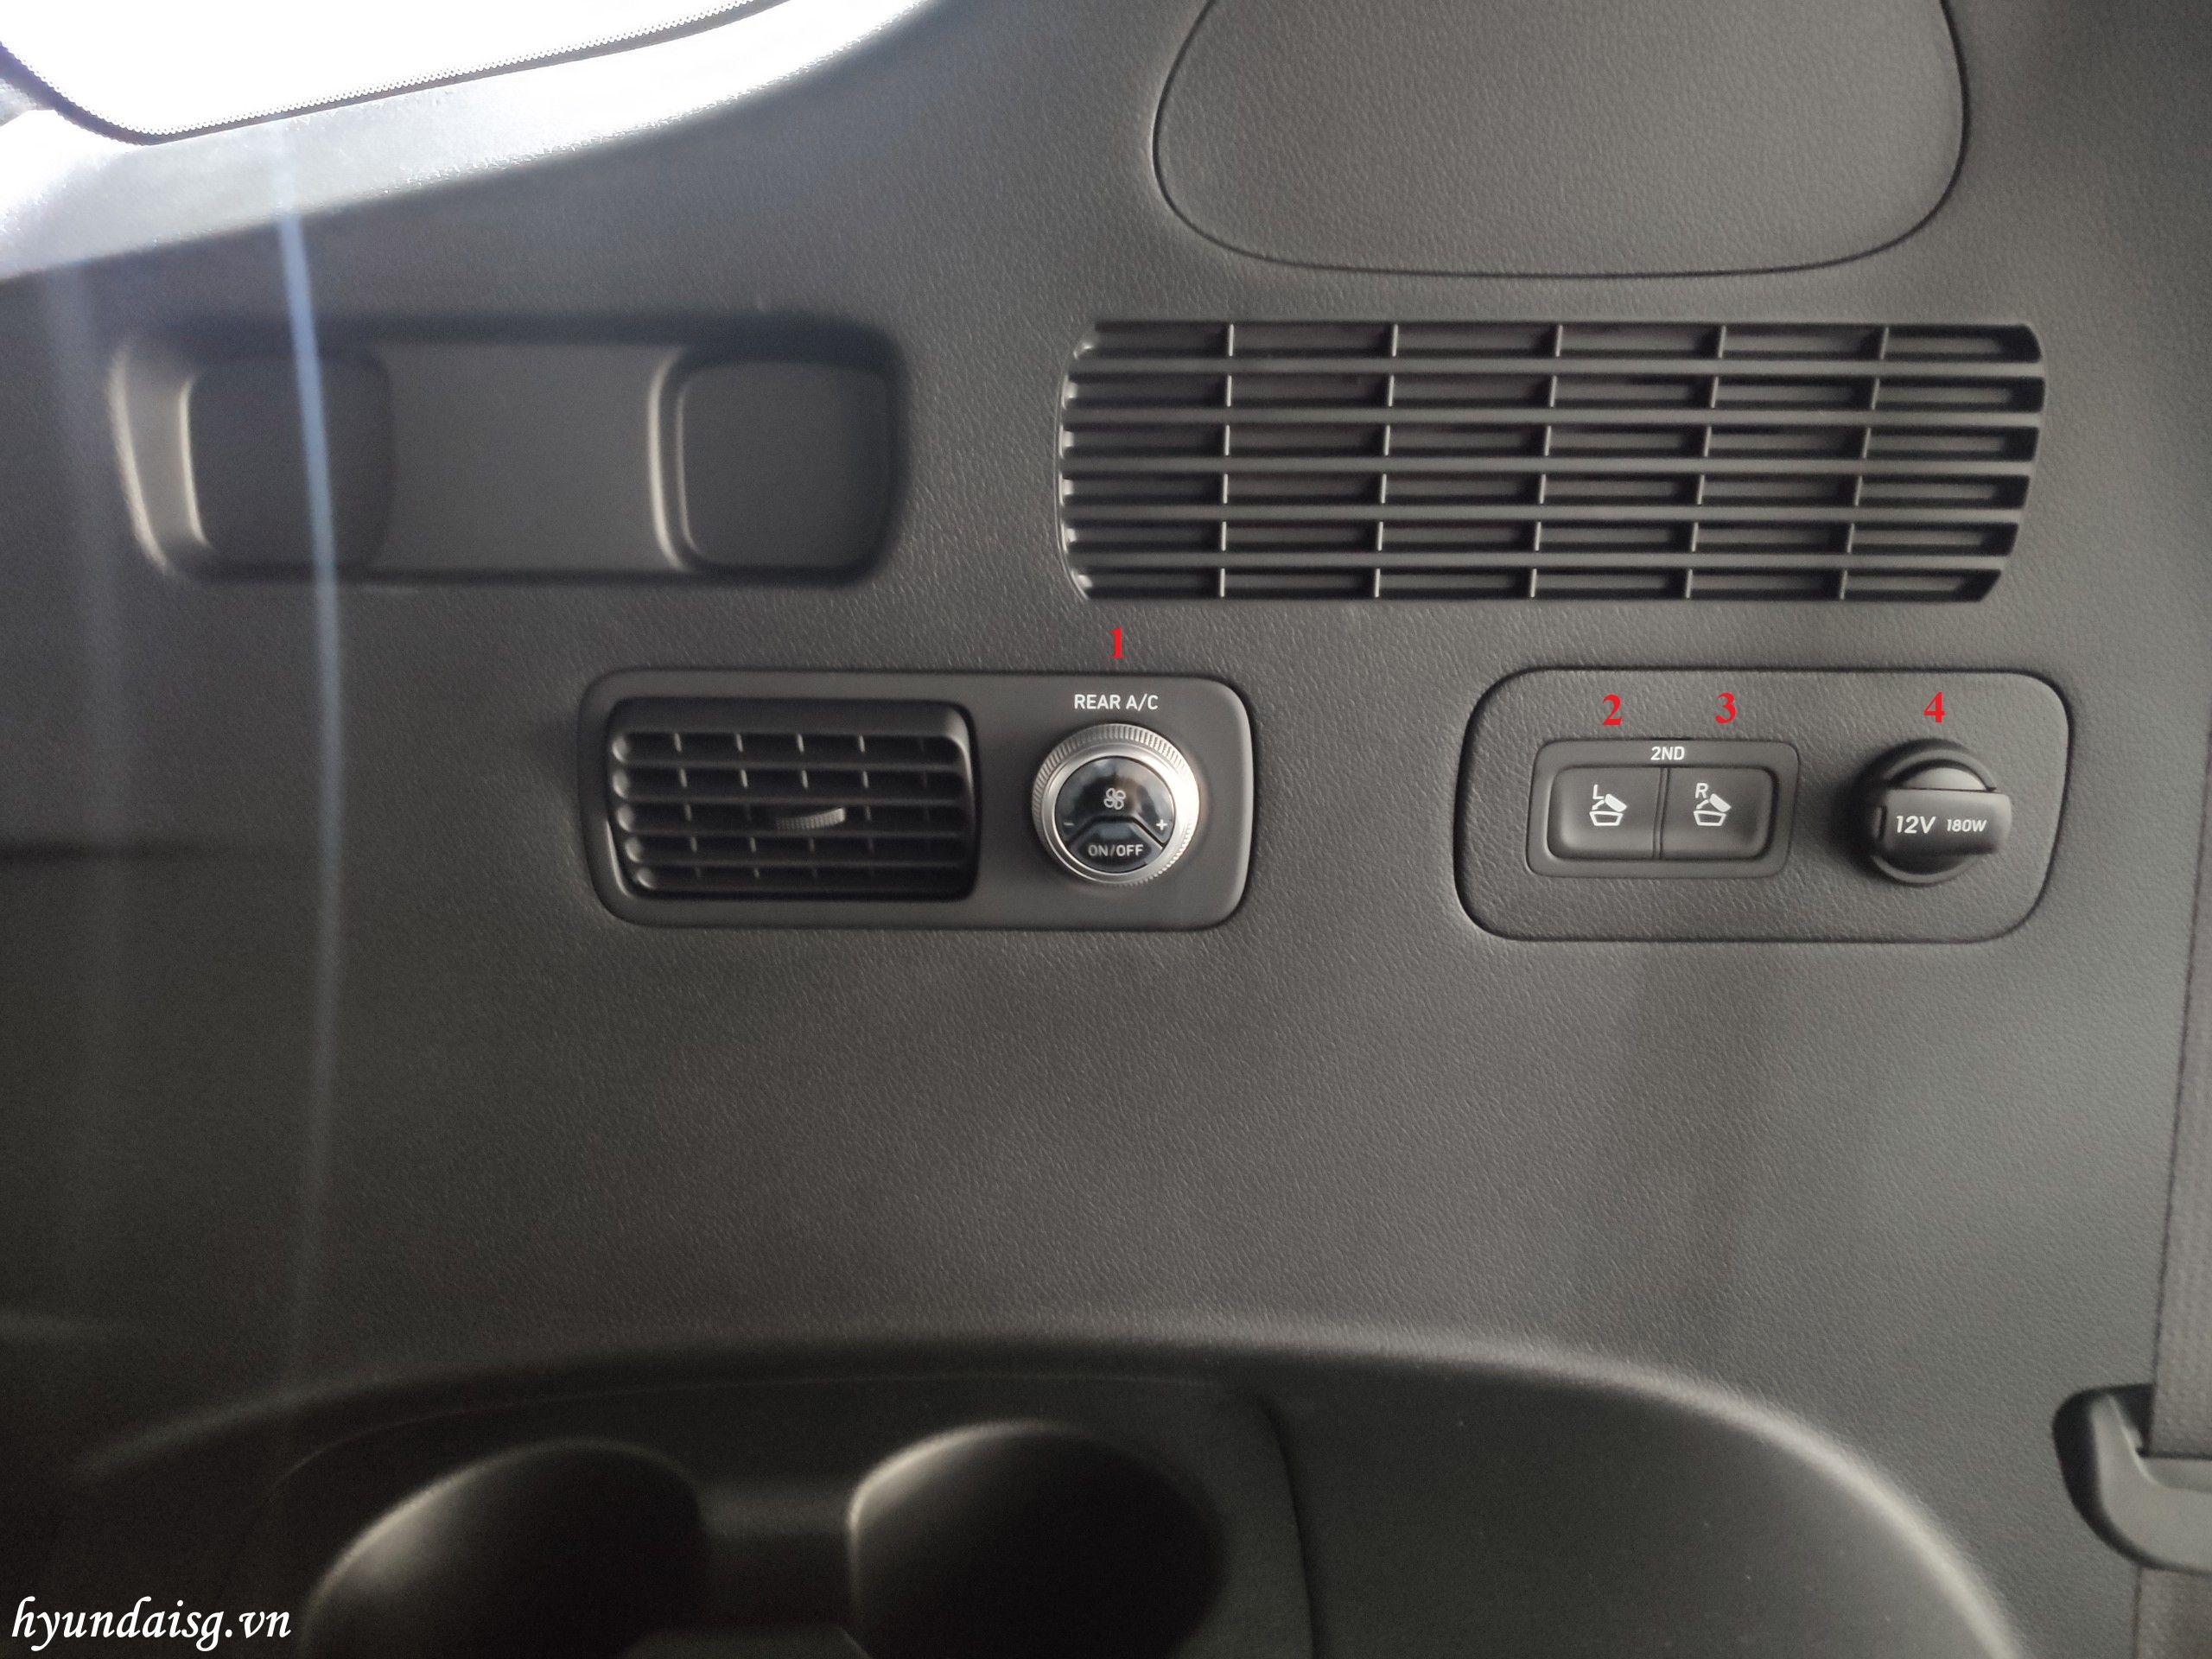 Hình Ảnh Hướng dẫn sử dụng xe Hyundai Santafe cho người mới 26